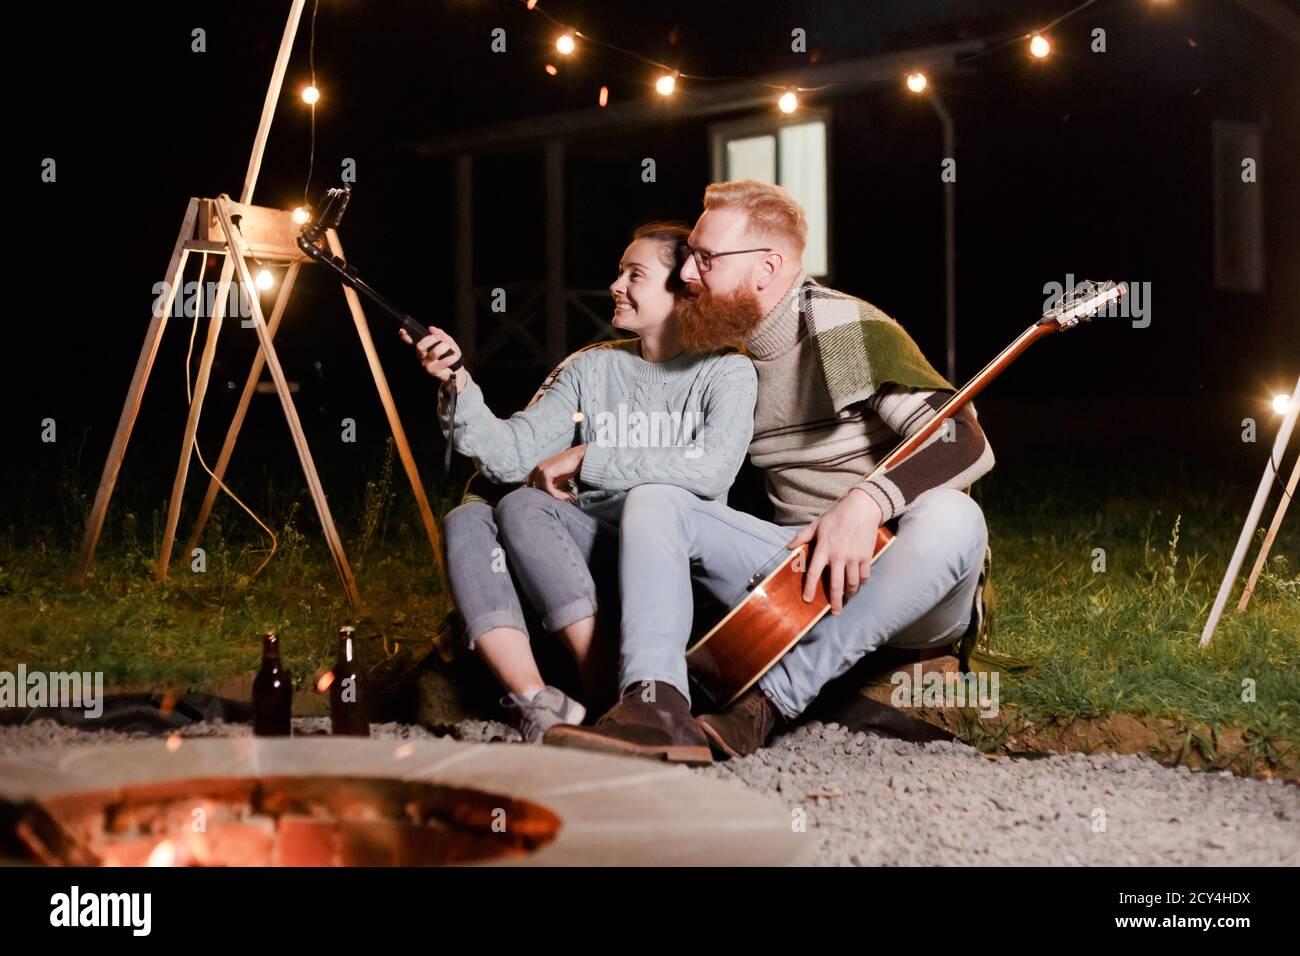 Felice coppia caucasica, donna bruna e uomo bearded con chitarra al picnic in campagna. Divertente coppia che fa selfie, sorridendo e divertirsi insieme Foto Stock